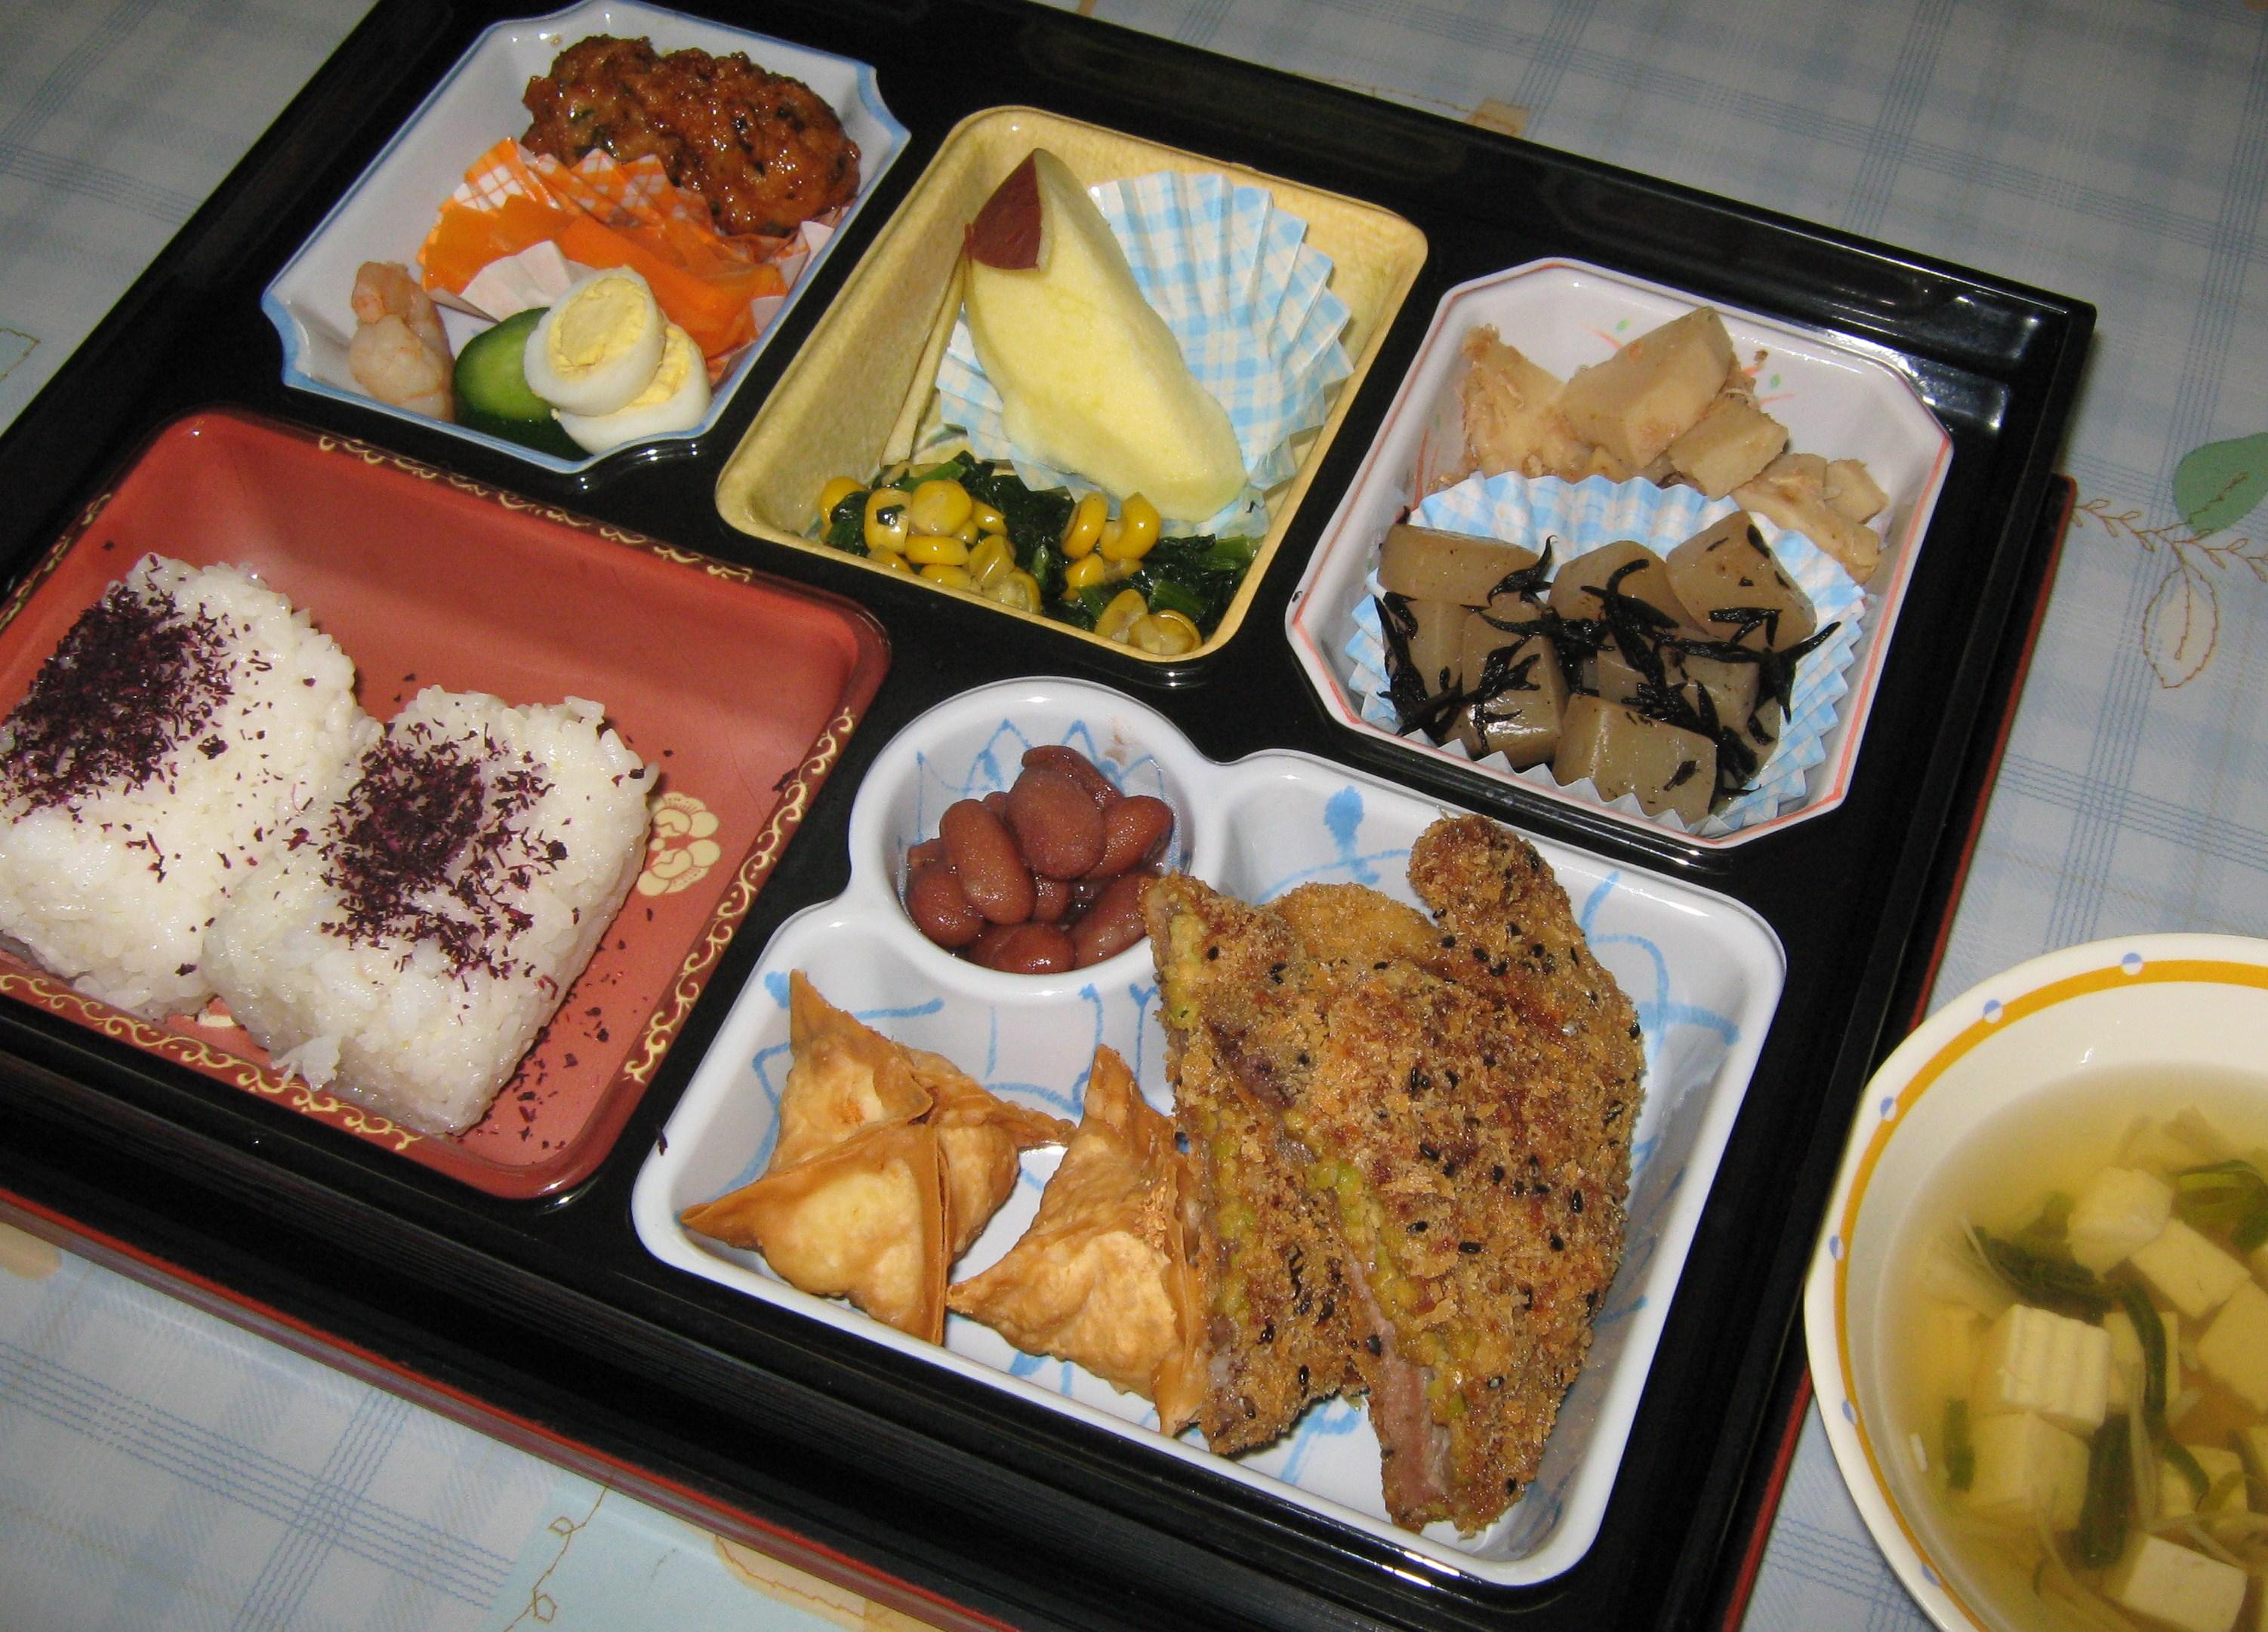 http://www.kyo-gk.com/recipes/images/bake/2011031701.jpg